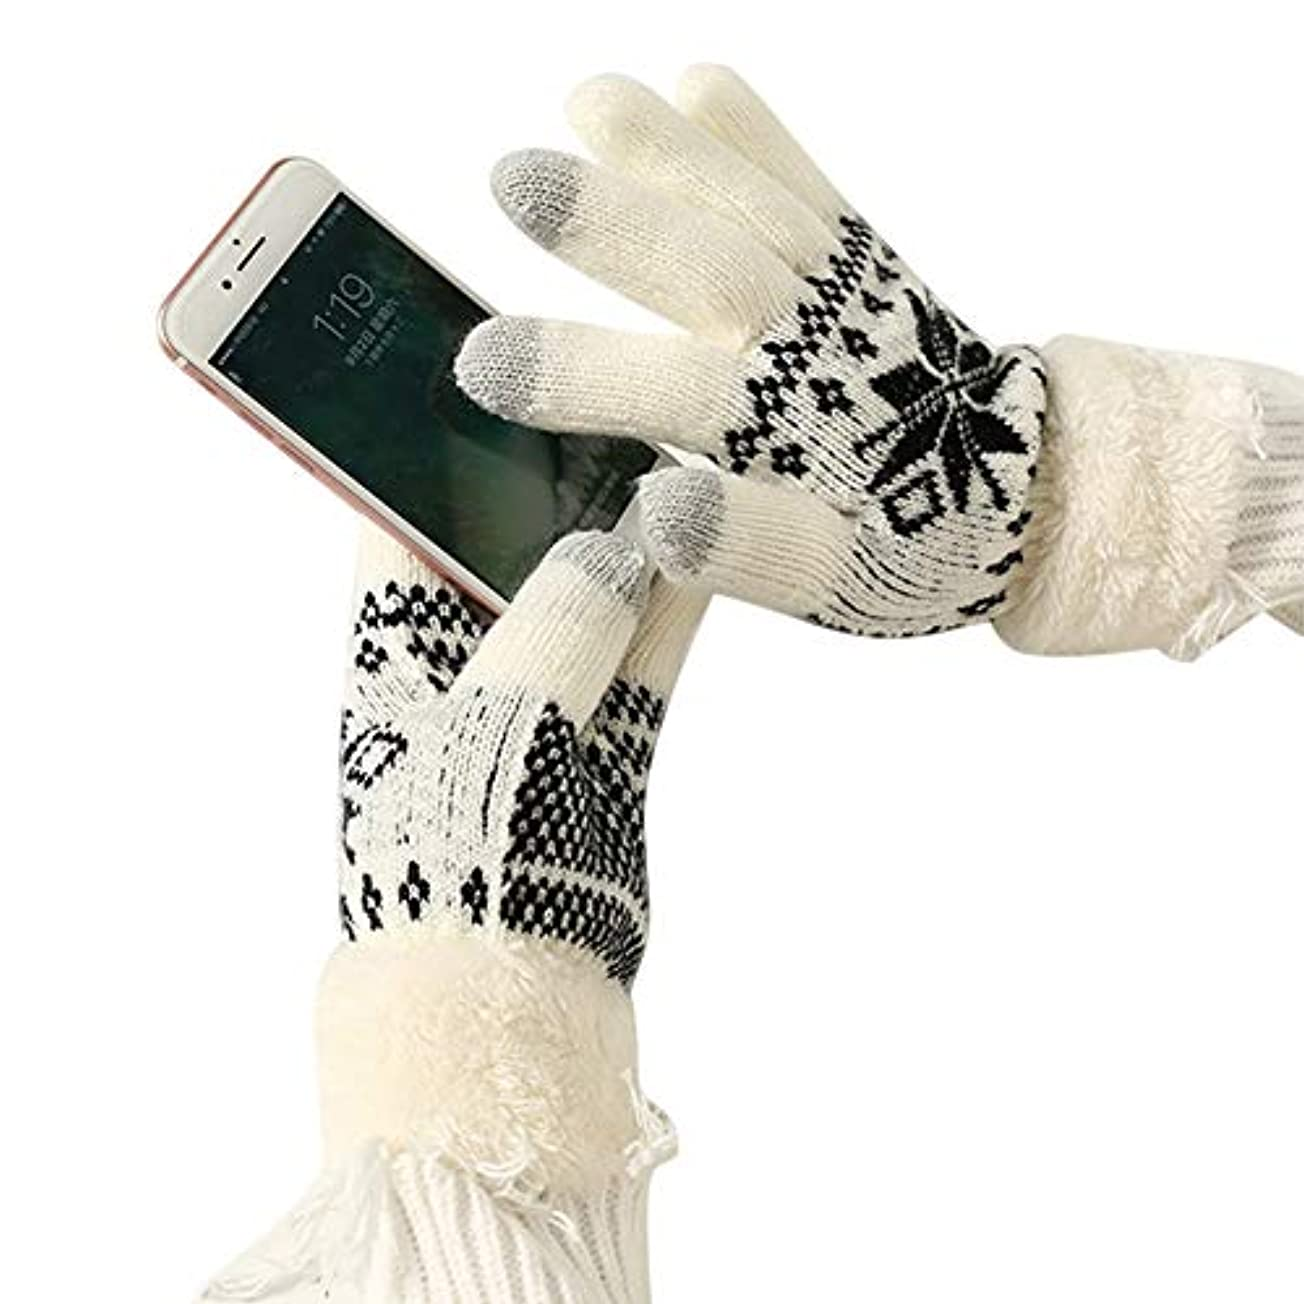 古くなった近代化羊飼いTengfly女性タッチスクリーングローブ、冬暖かいニットグローブ、柔らかい余分な暖かいフリースタッチスクリーングローブ、女性のための雪の花編み肥厚冬屋外2019新しいクリスマスギフト